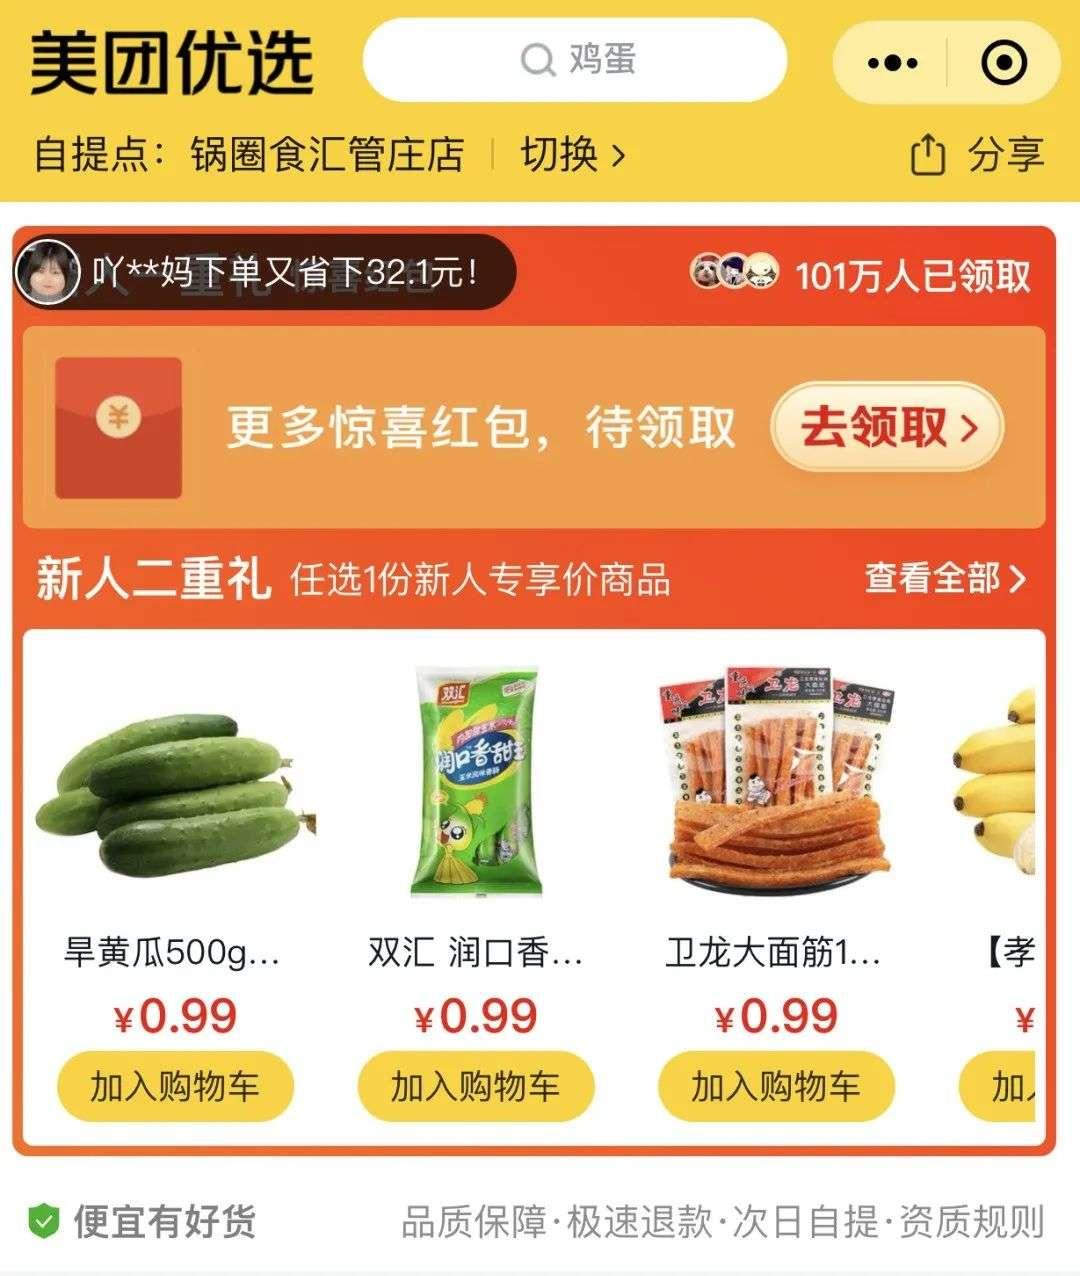 """卖生鲜,卖茶饮,卖冰淇淋,火锅食材超市快跟""""火锅""""没关系了"""